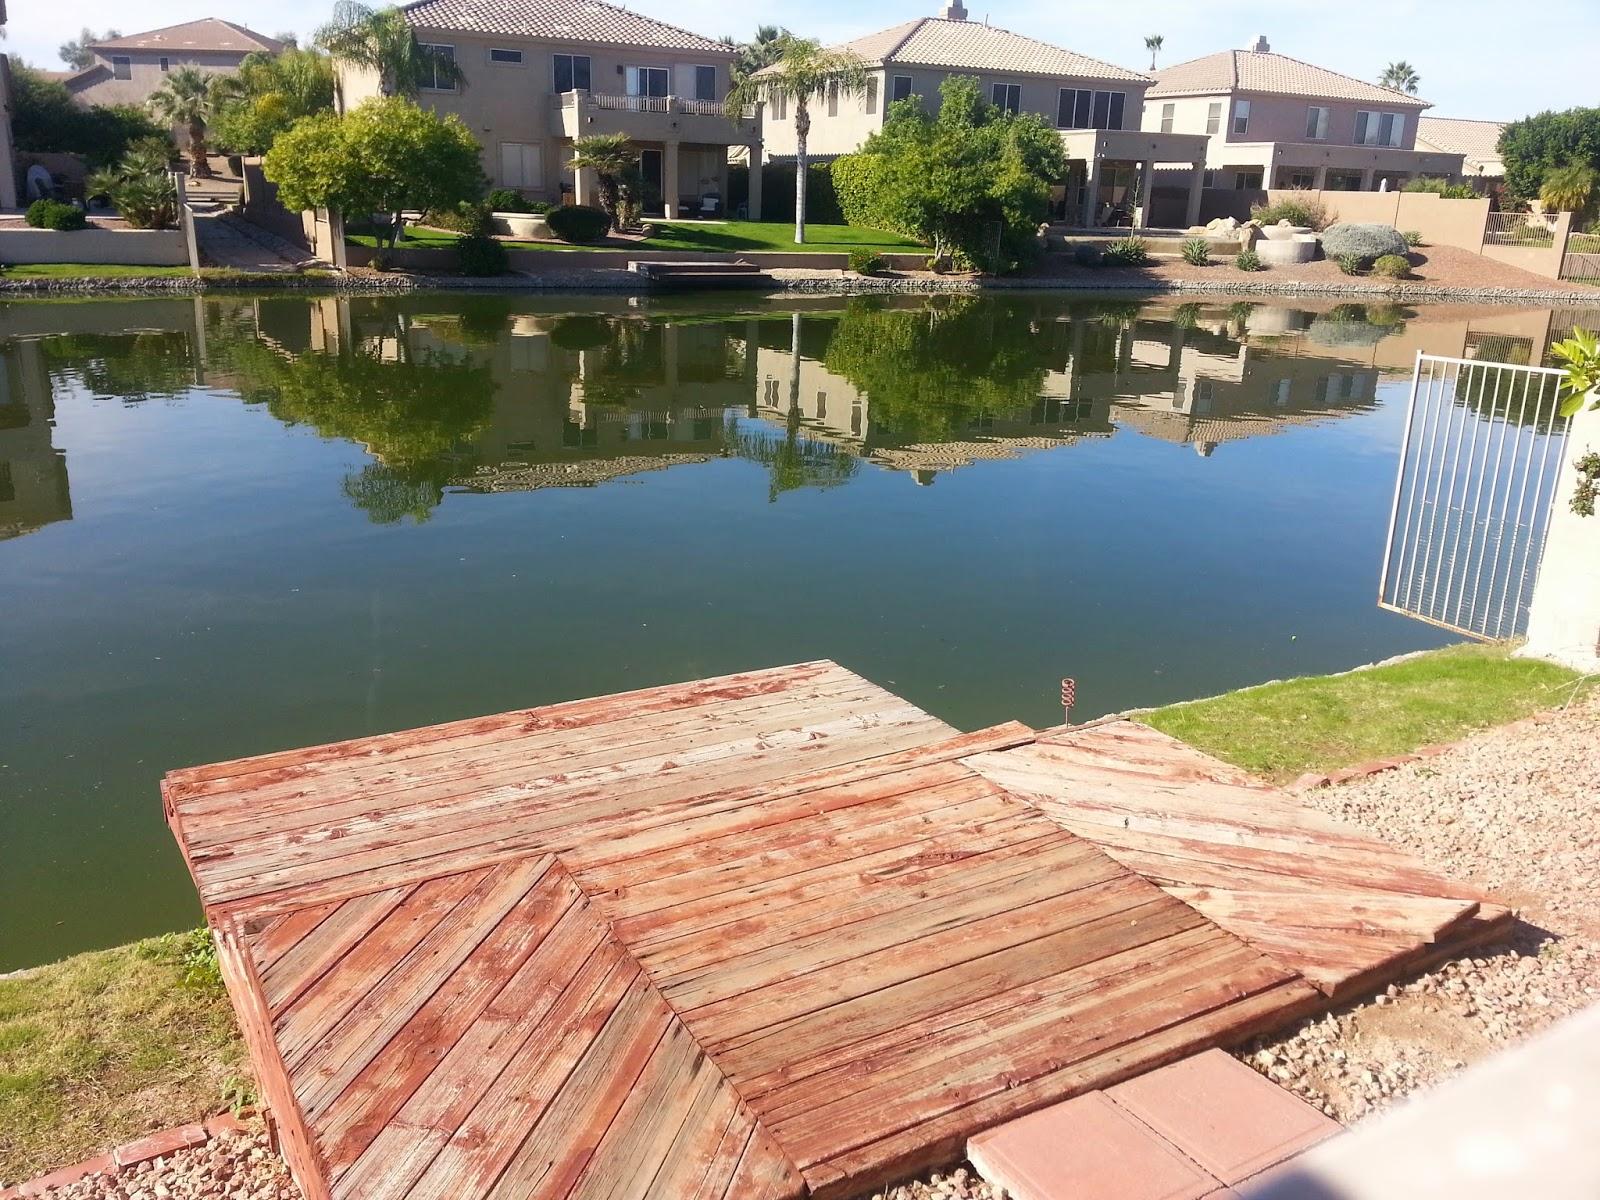 Arizona homes for sale